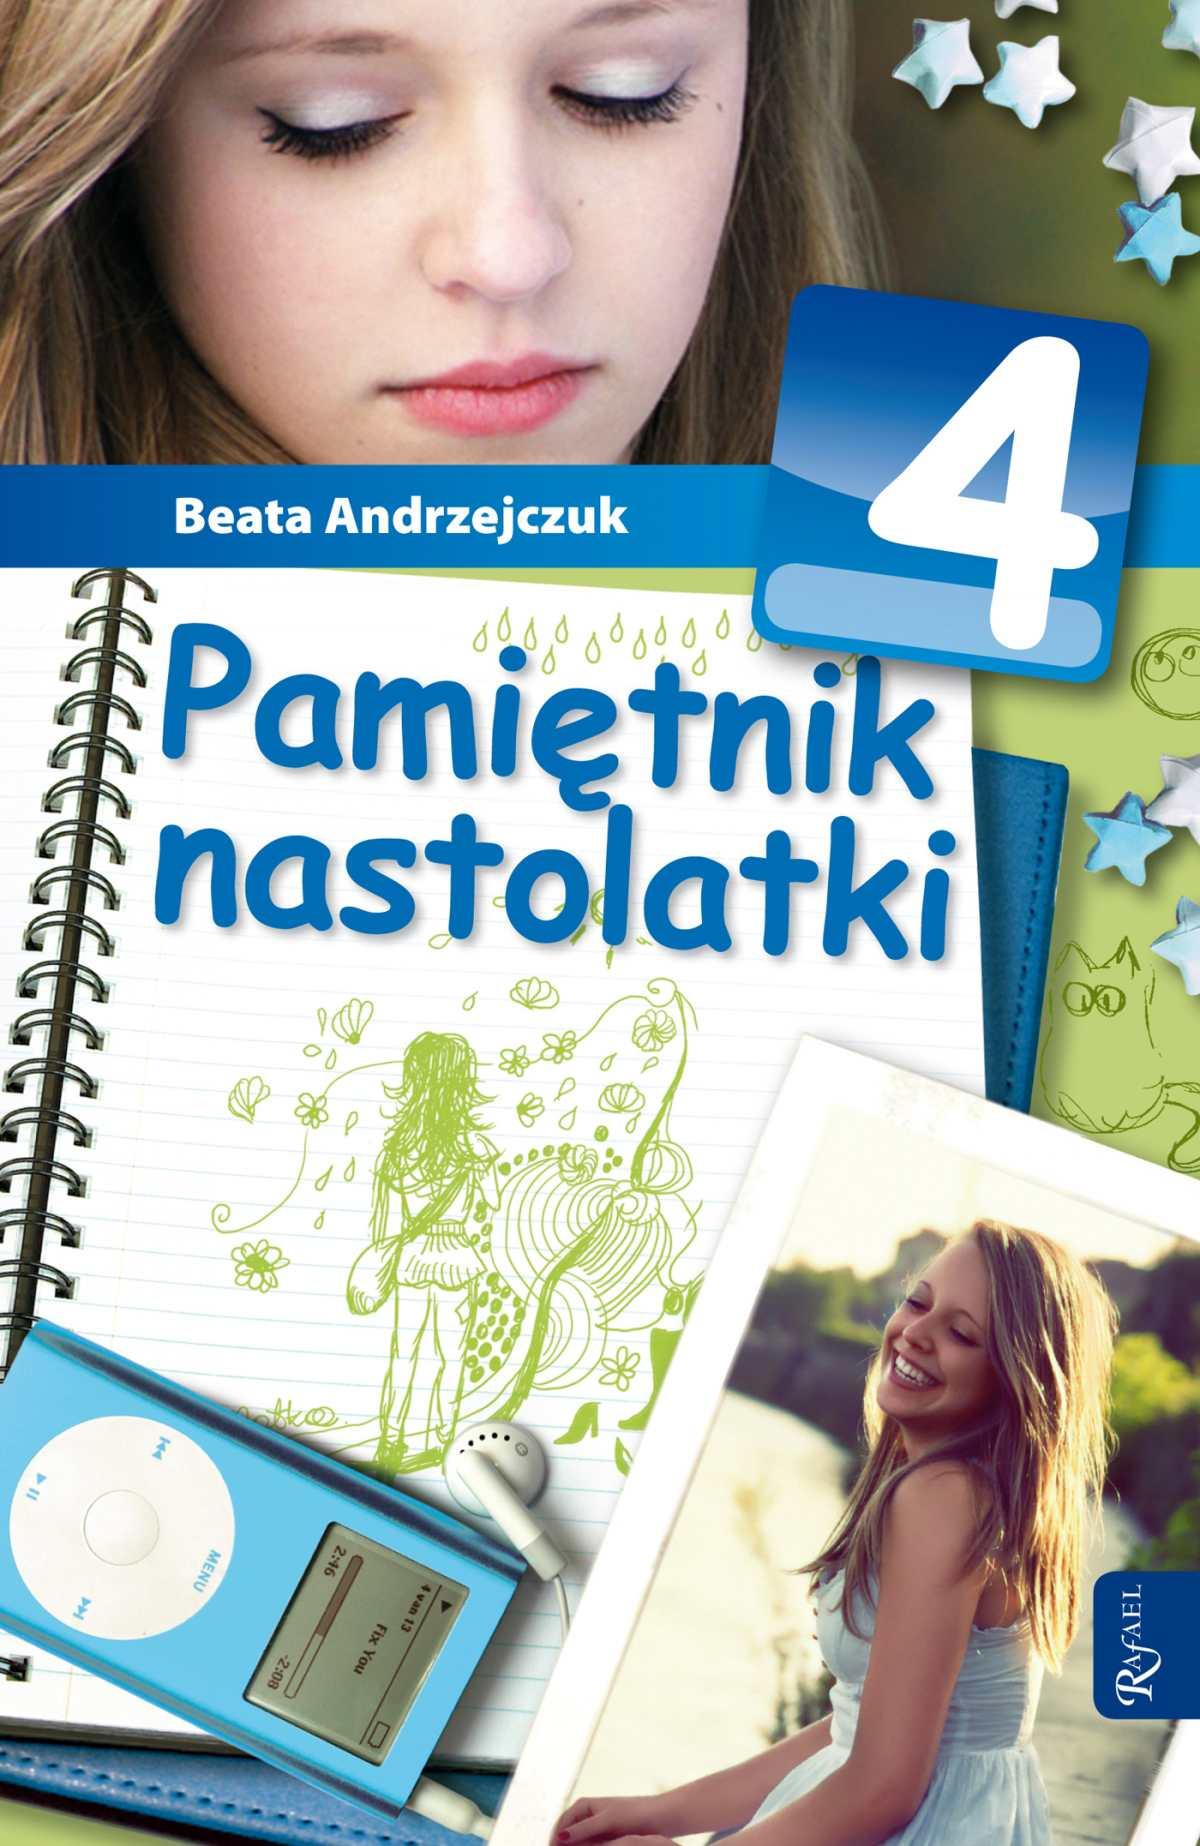 Pamiętnik nastolatki 4 - Ebook (Książka na Kindle) do pobrania w formacie MOBI